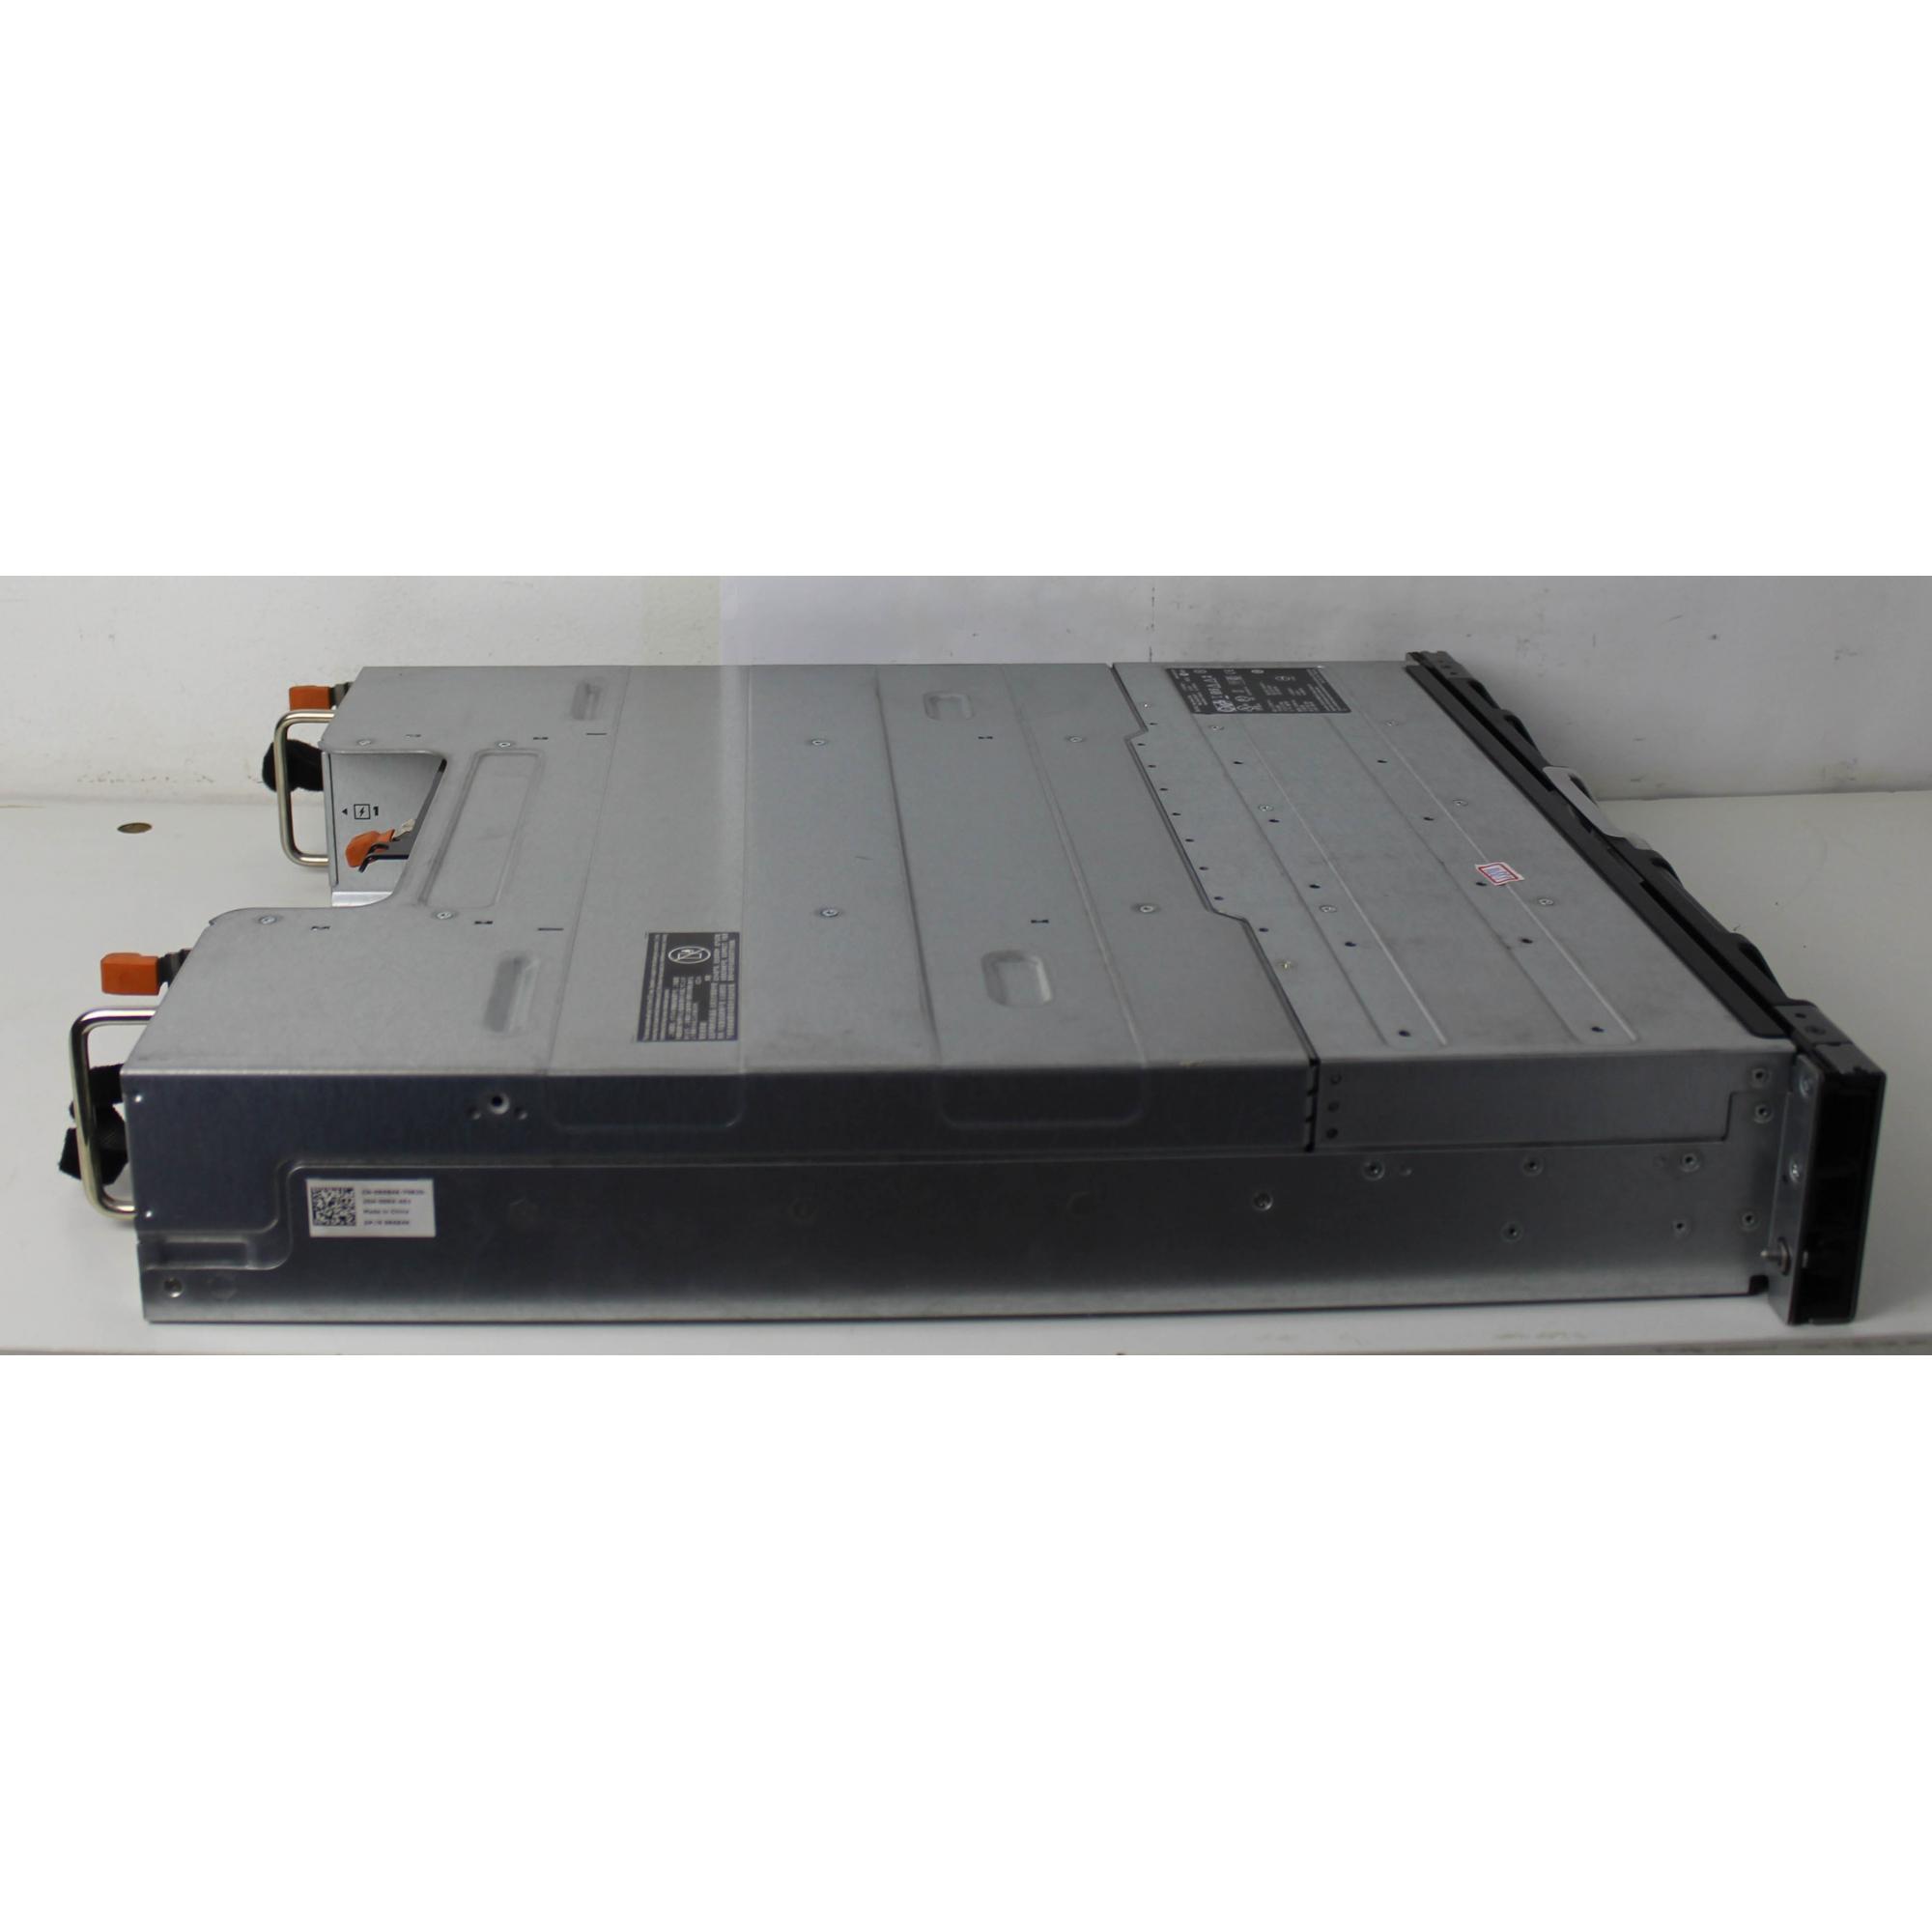 Storage Dell Powervault Md3220i San Iscsi Sem HDS (Não Enviamos)